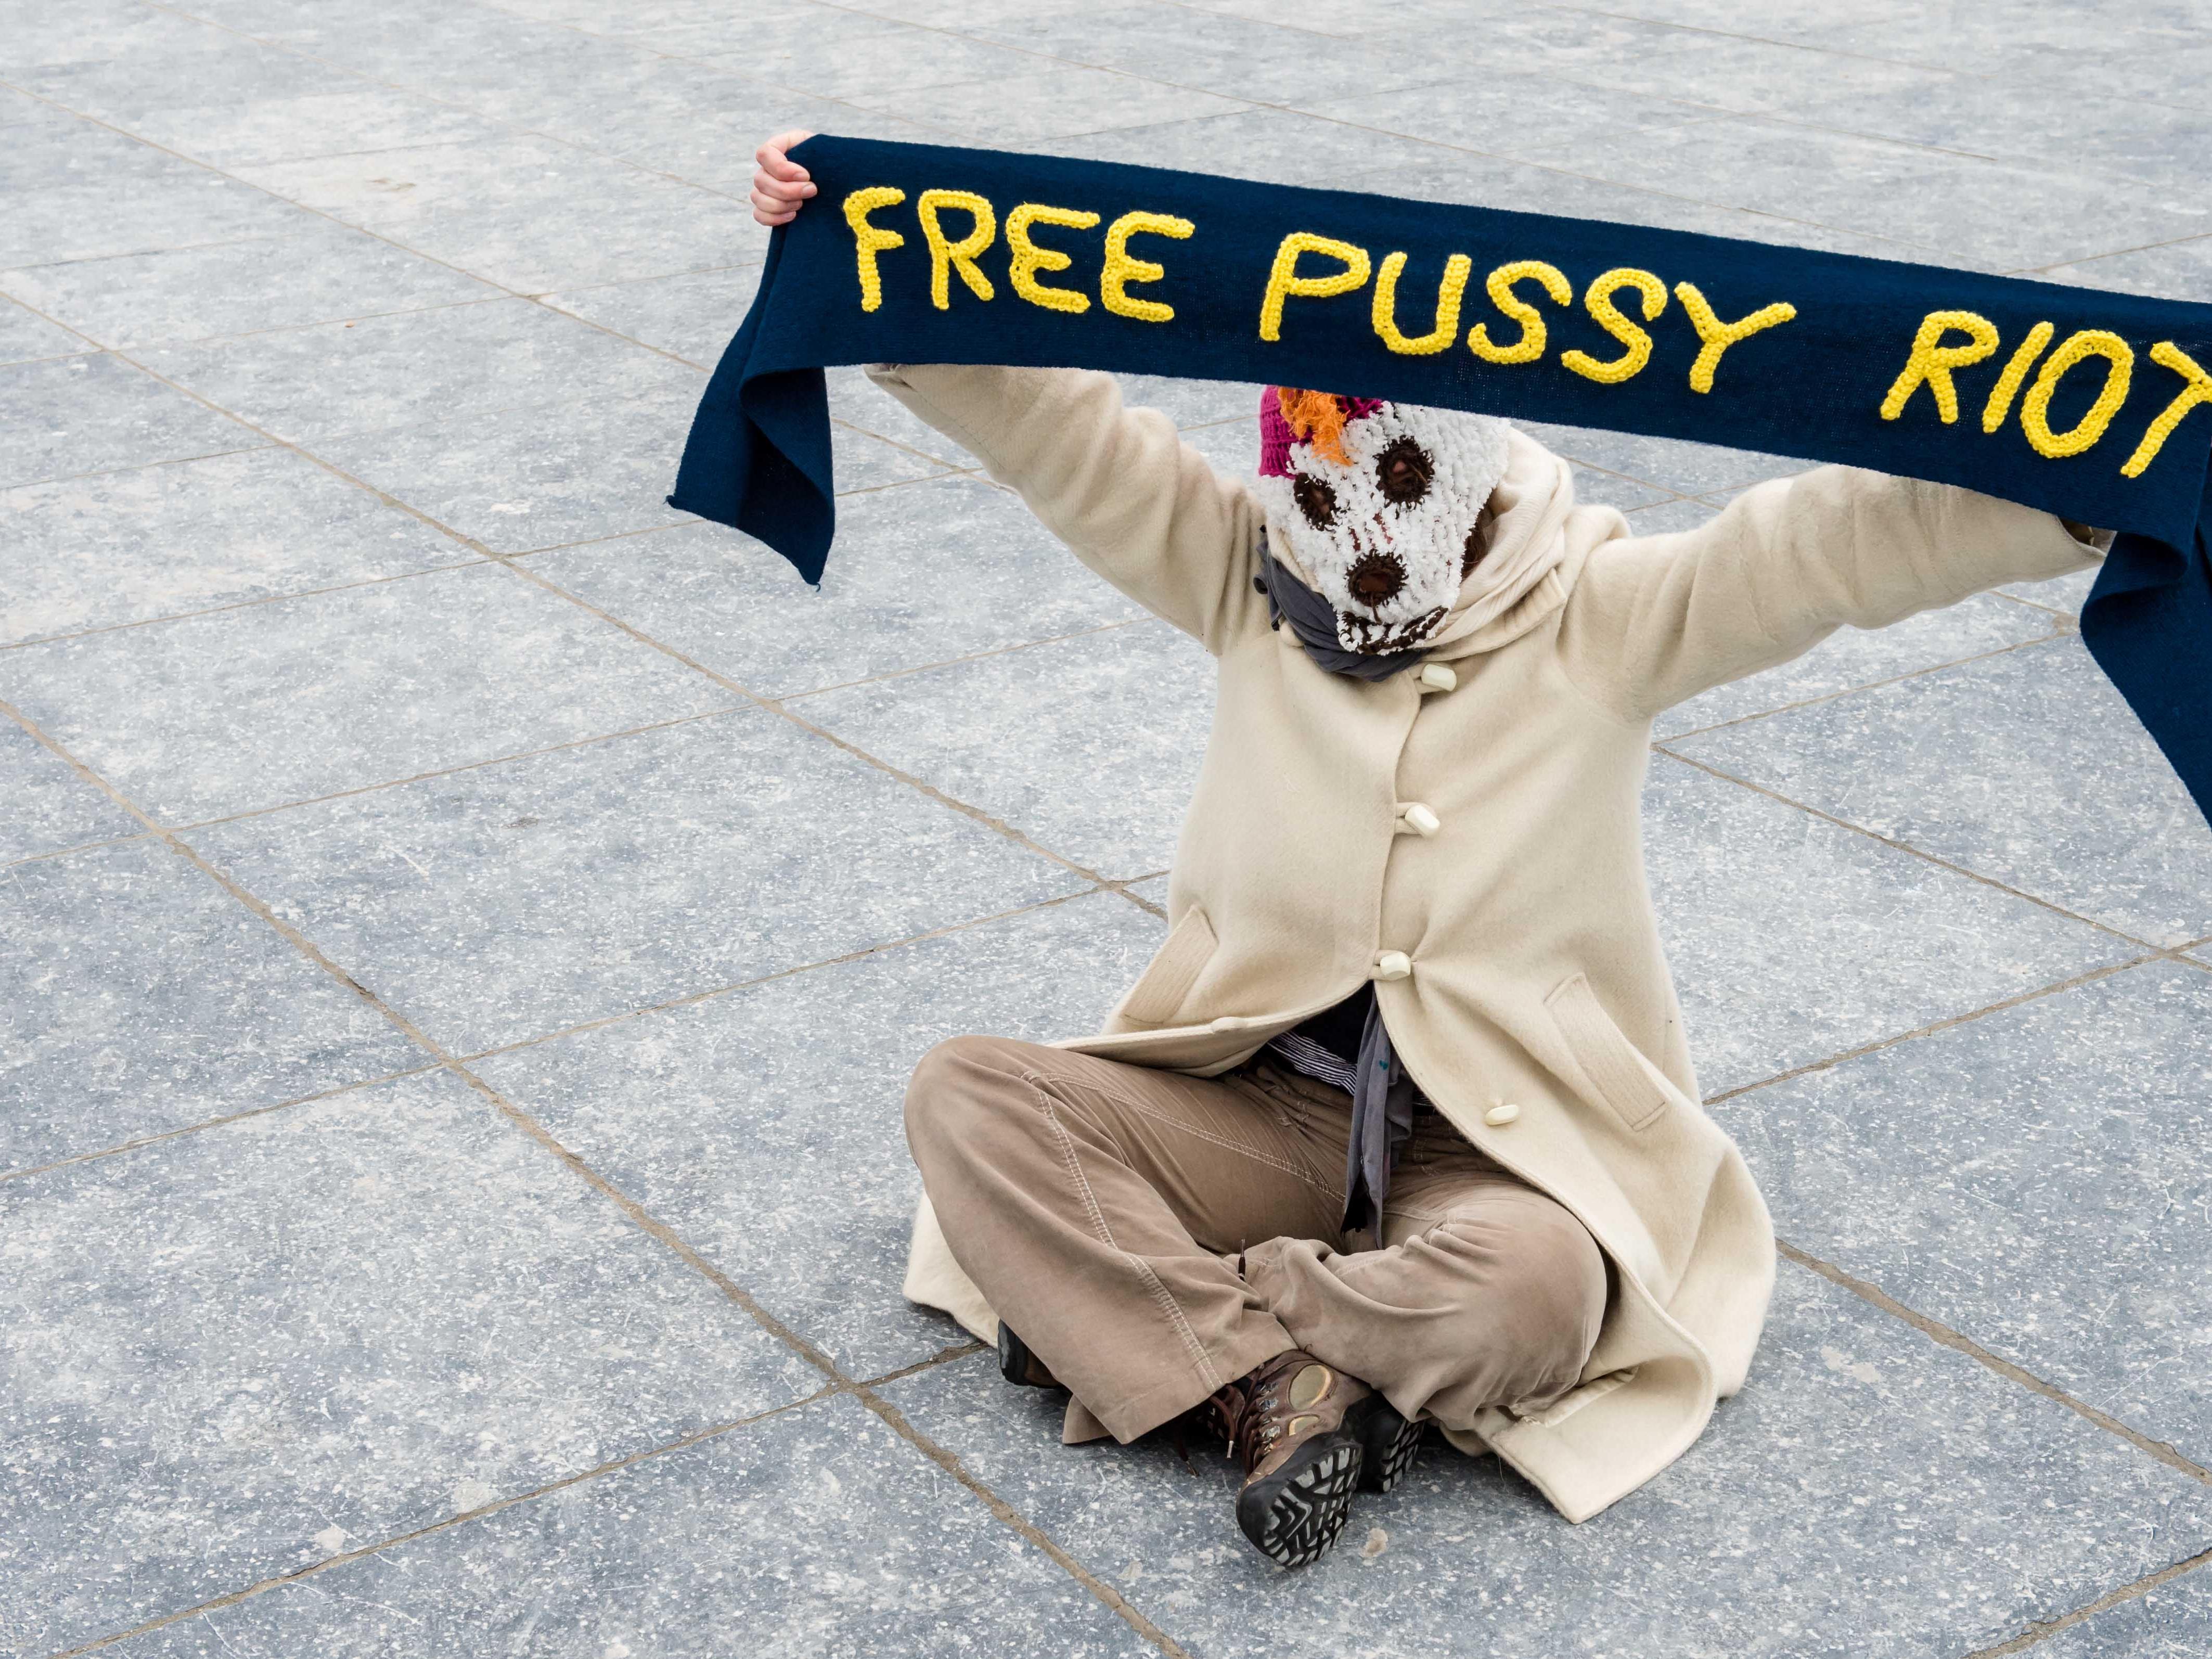 Festnahme der drei Punk-Musikerinnen im März 2012 löste weltweite Proteste aus.